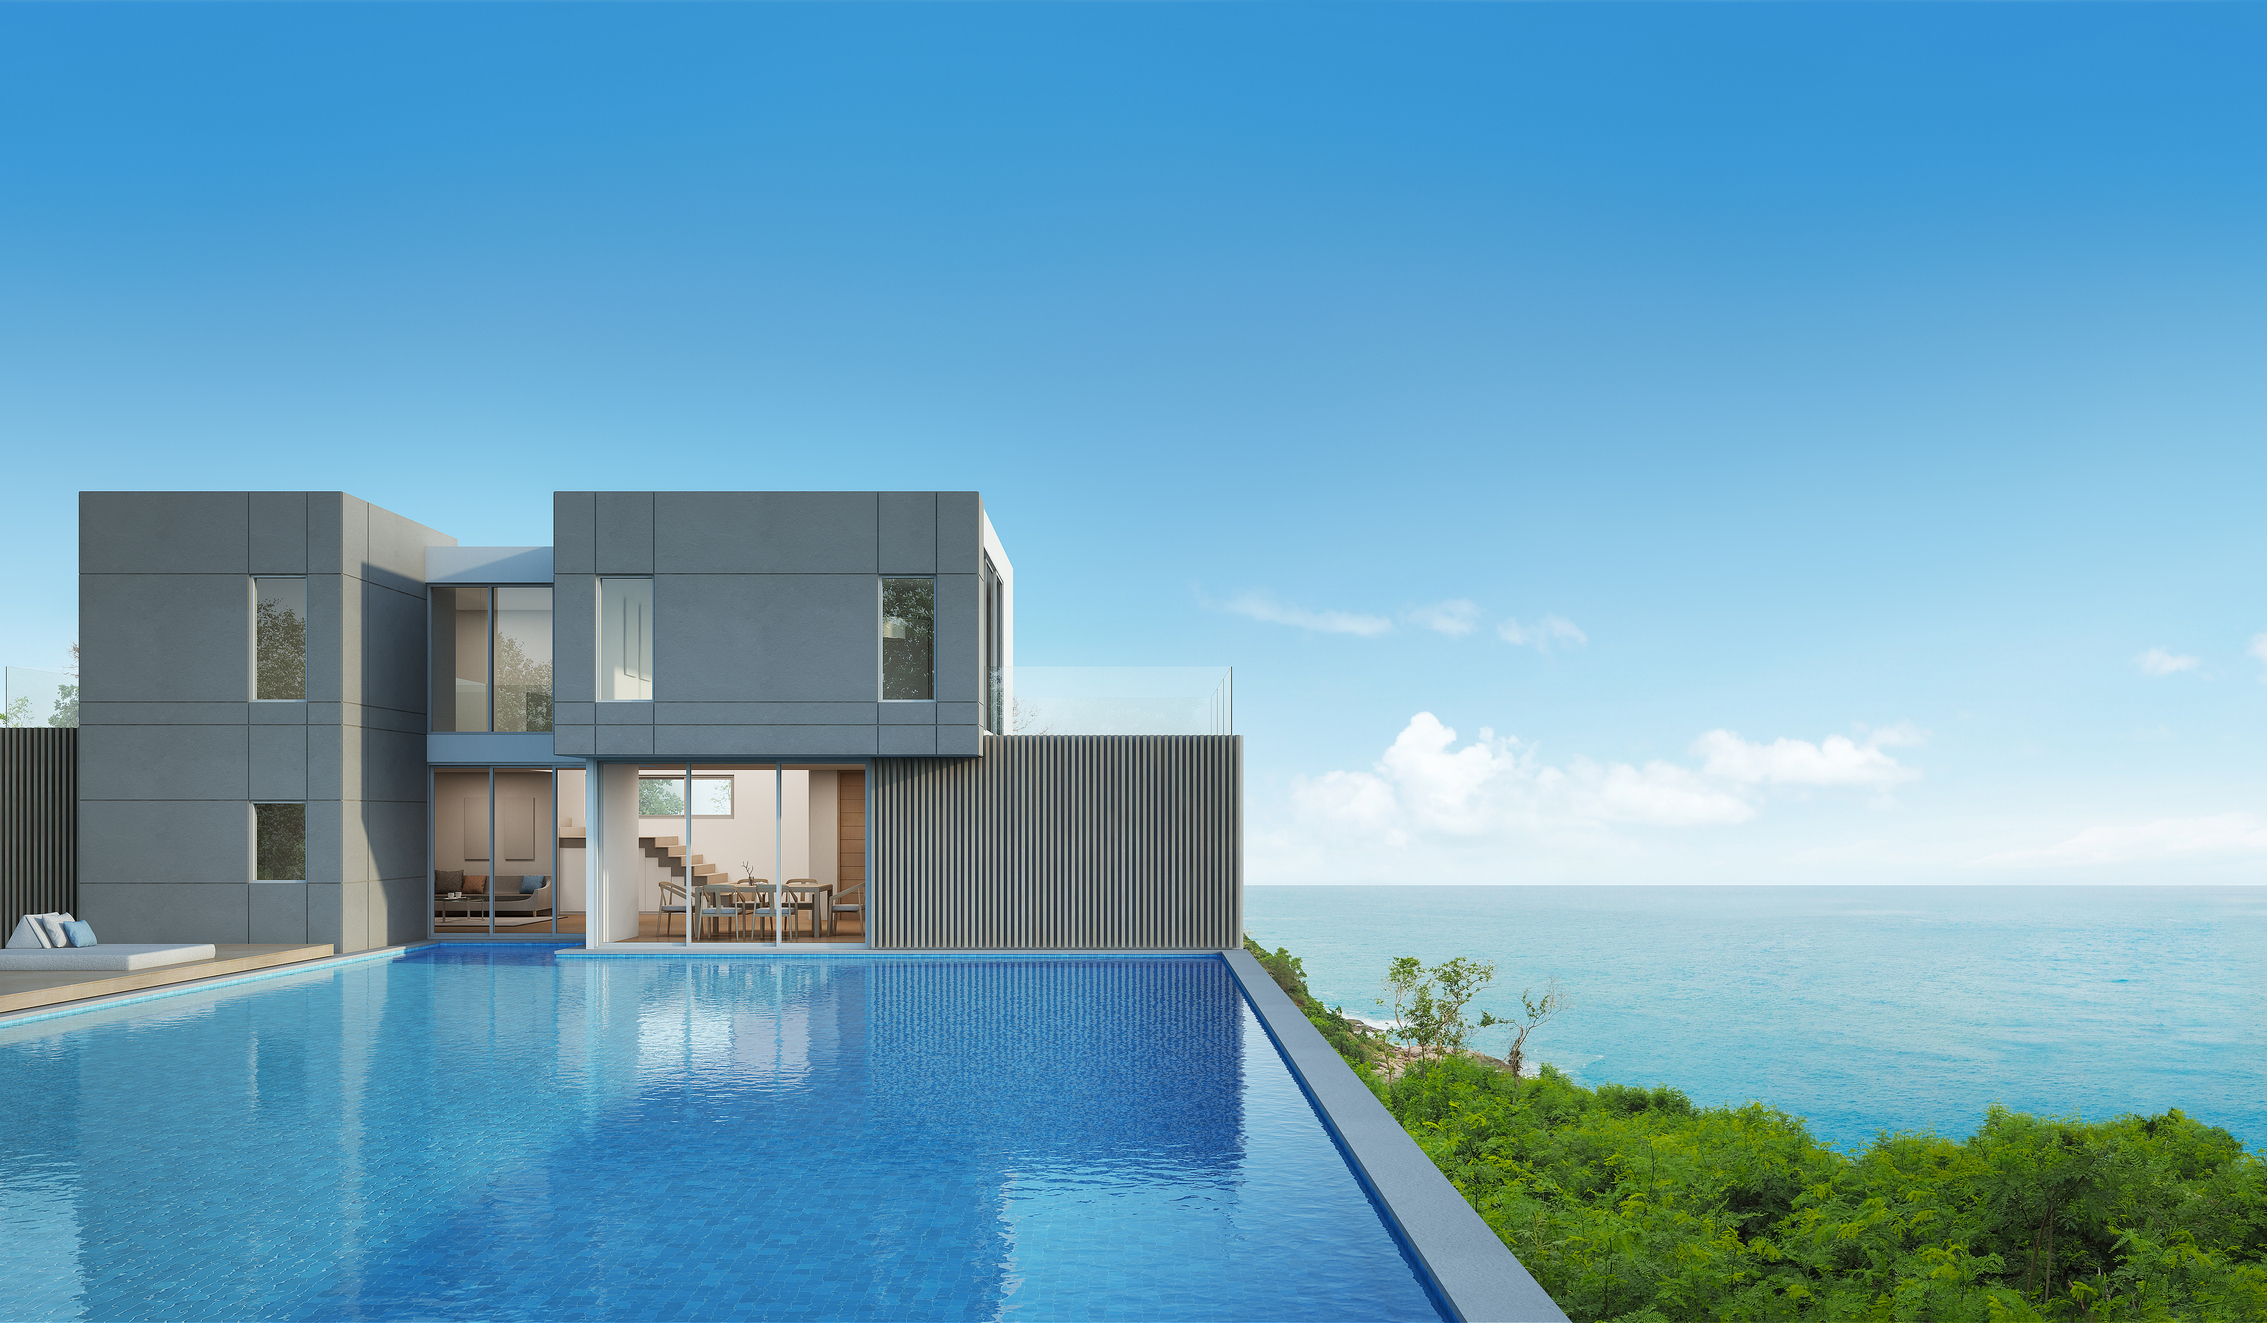 Anda a pensar construir uma casa? 5 propostas assinadas por arquitetos de renome que lhe podem servir de inspiração